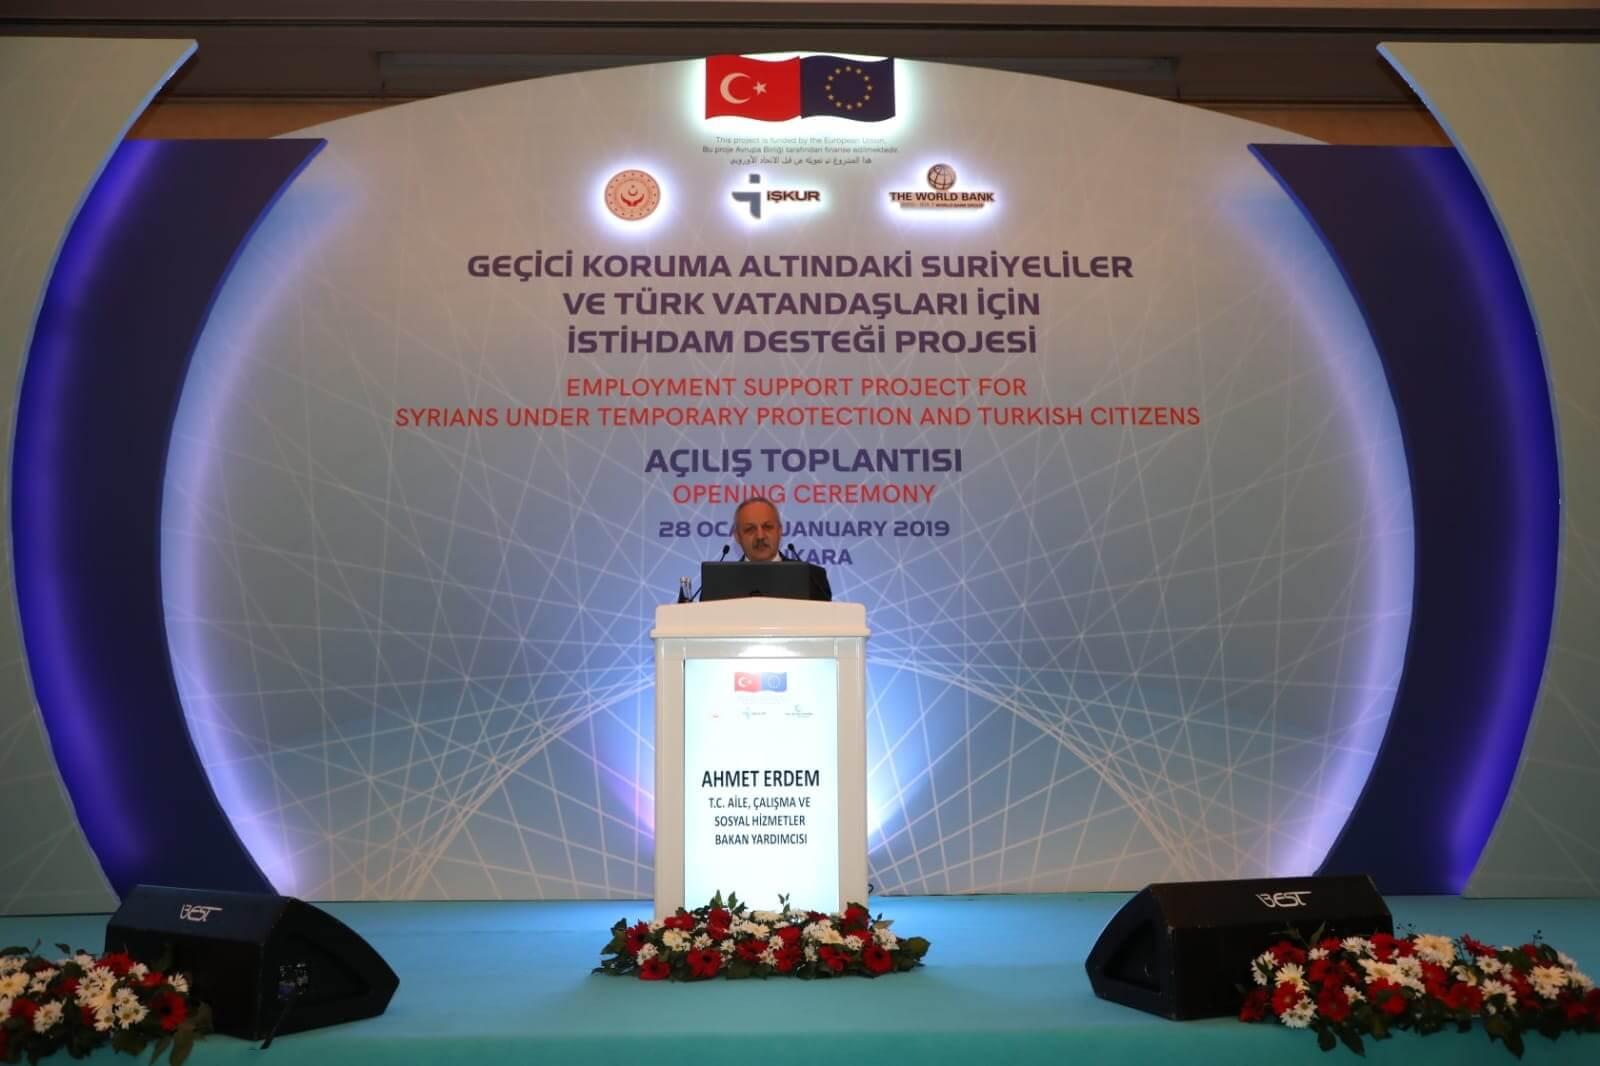 Geçici Koruma Altındaki Suriyeliler ve Türk Vatandaşları İçin İstihdam Desteği Projesi Açılış Toplantısı Ankara'da Yapıldı